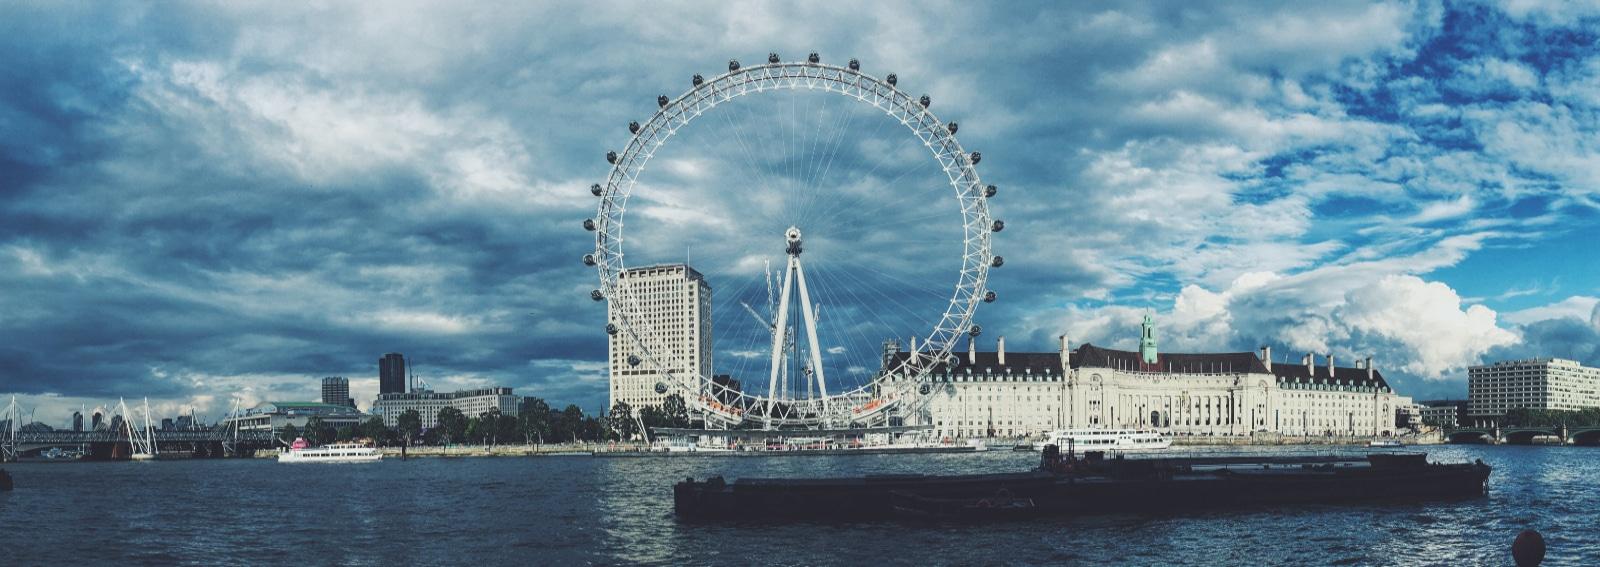 Londra  (immagine hero)